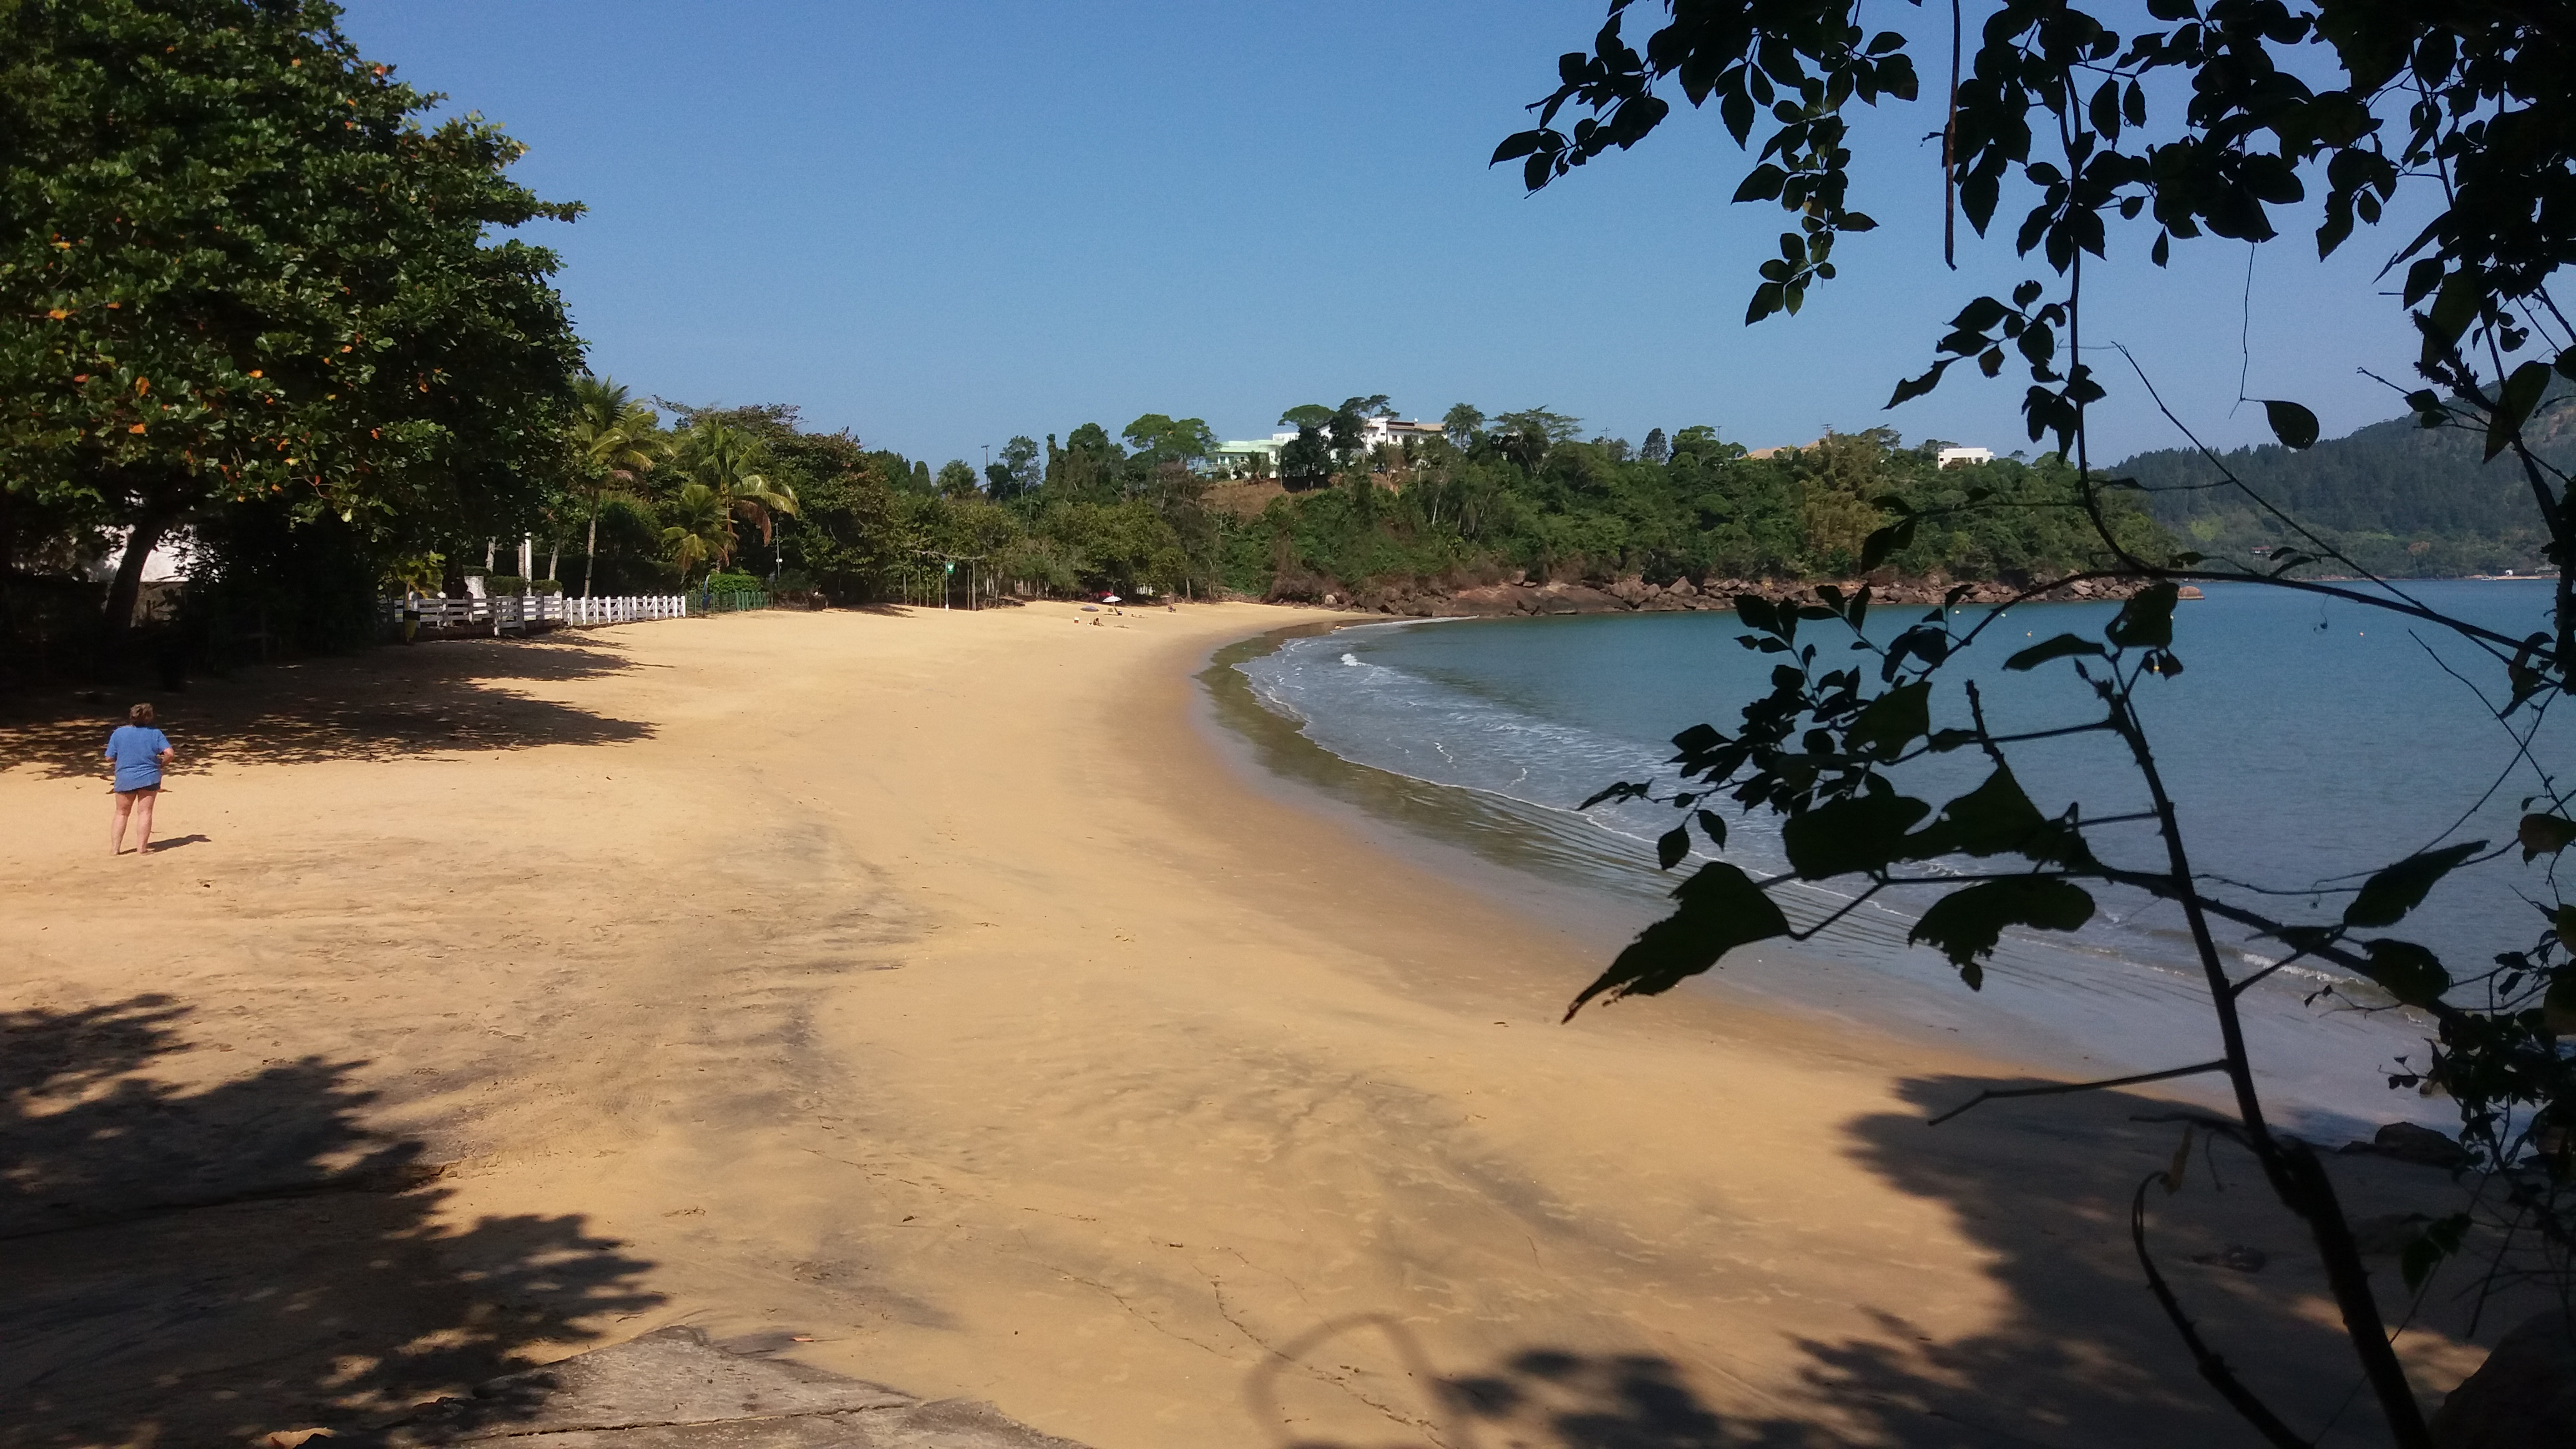 Trilha Praia de Santa Rita até o Perequê Mirim